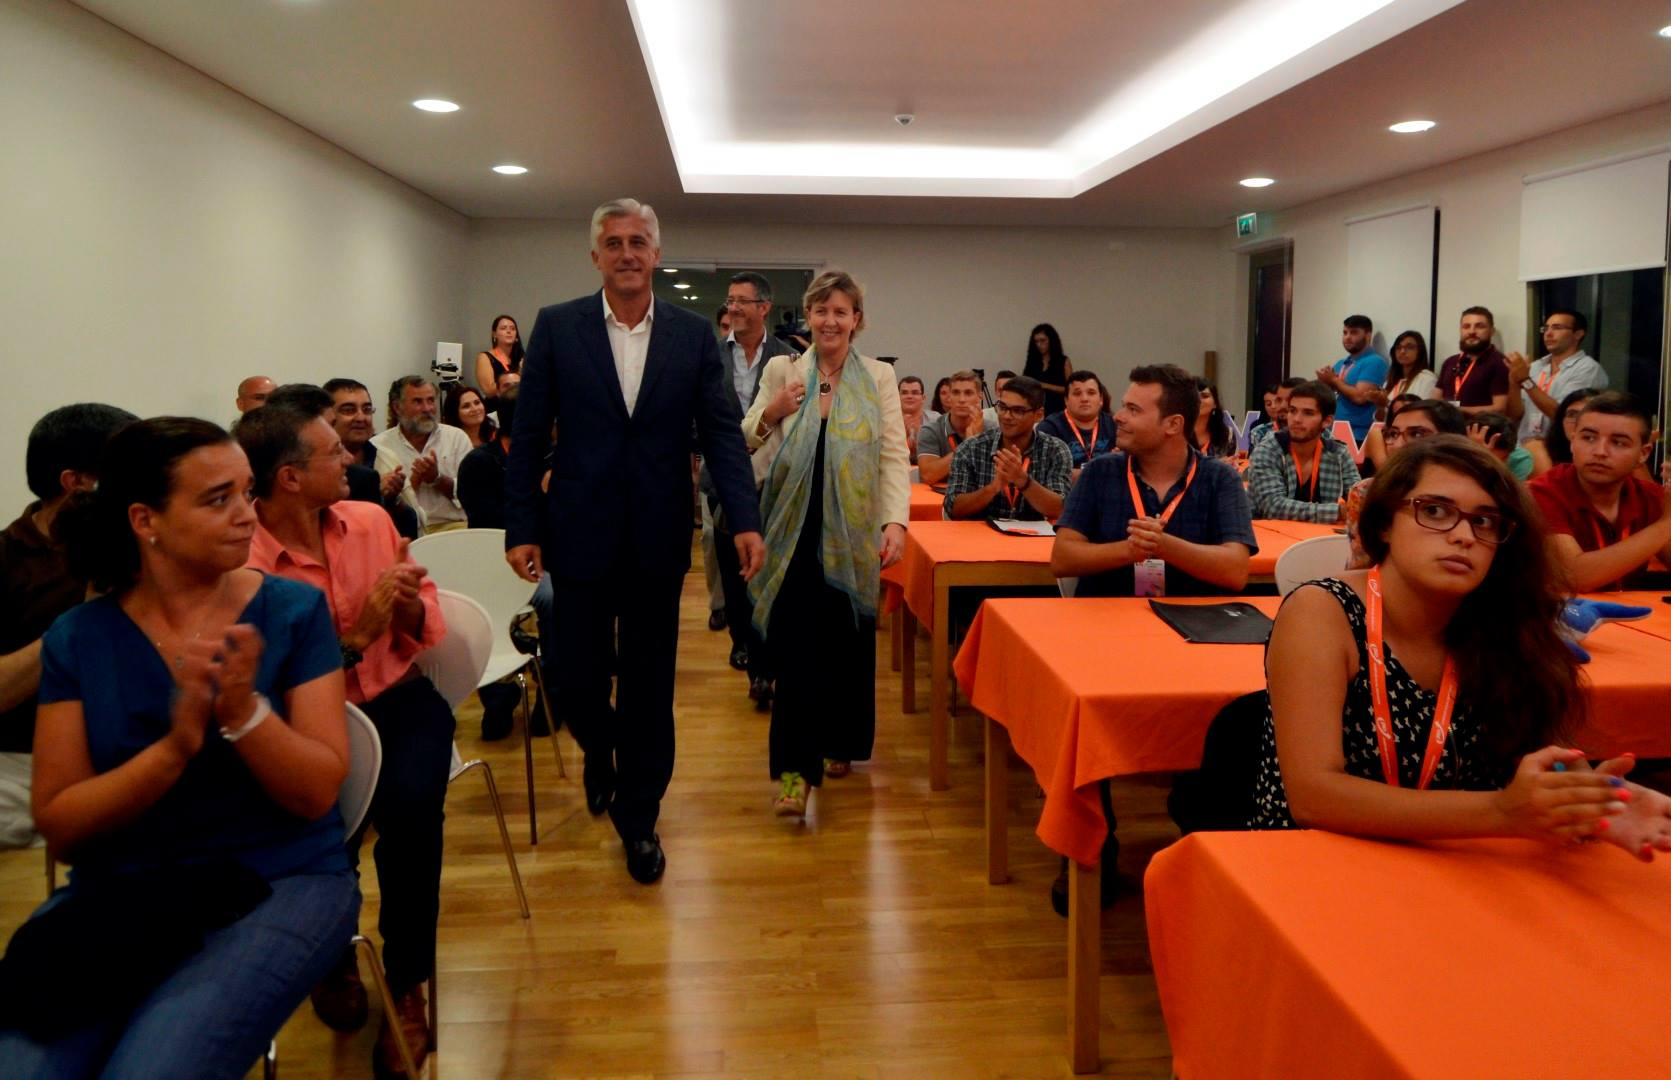 São Jorge precisa de mais jovens para a ilha e para a política, afirma António Pedroso – Universidade de Verão do PSD e JSD Açores arrancou esta quinta-feira (c/áudio)